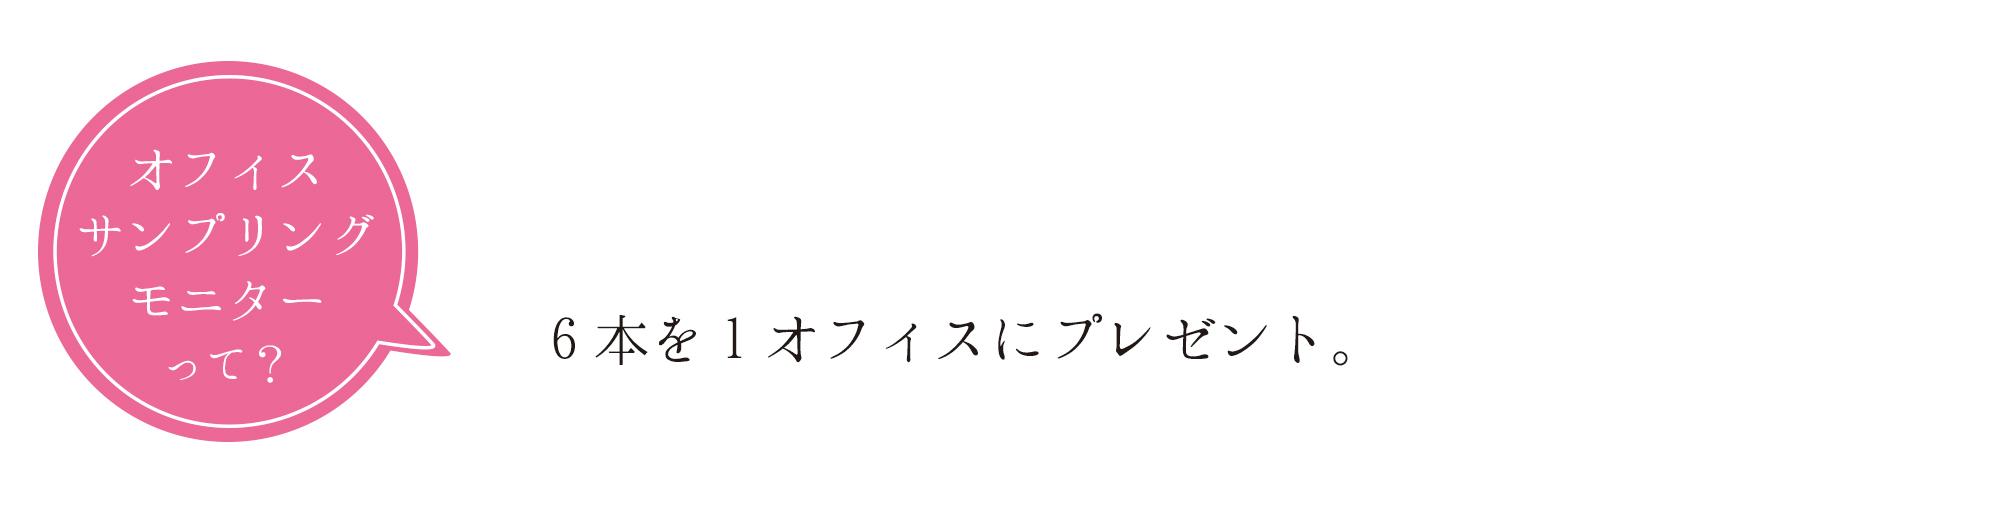 shimitori